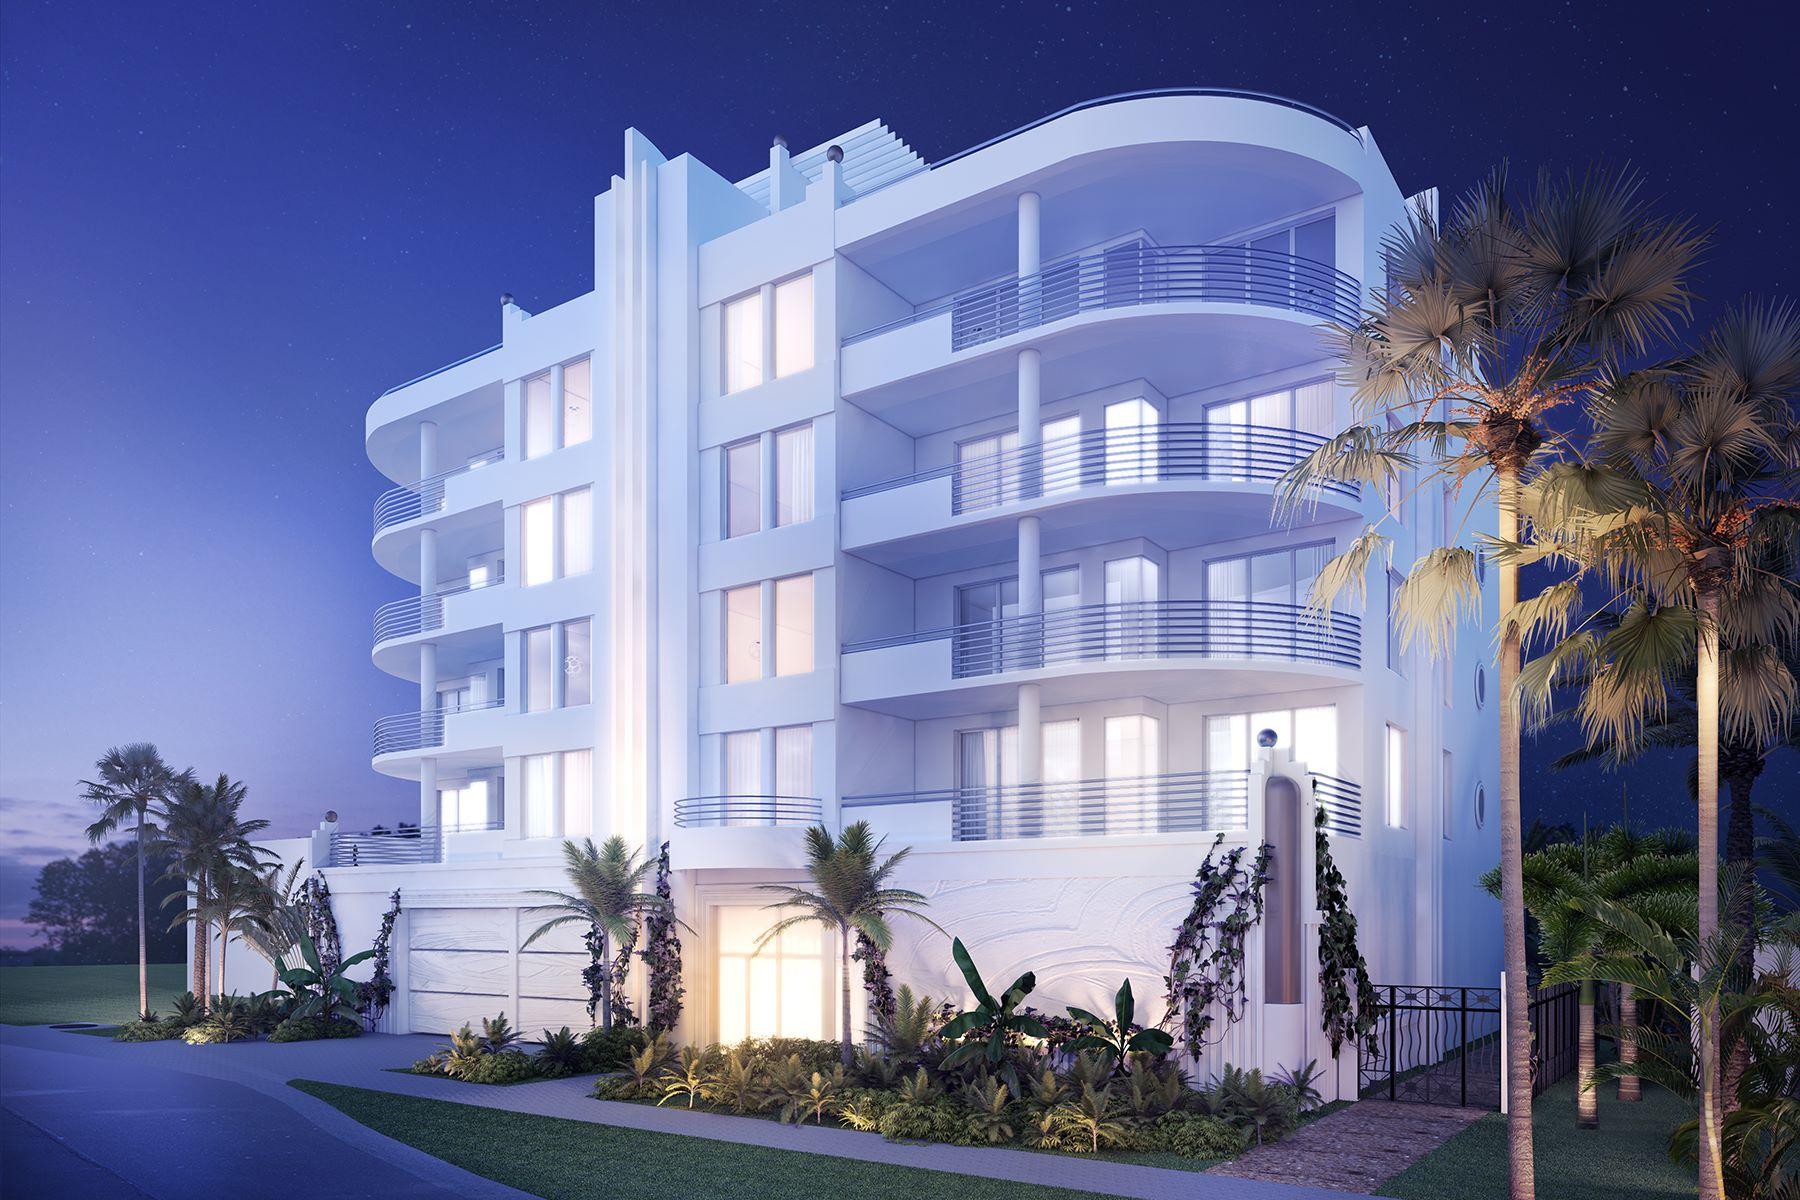 Condominium for Sale at 609 Golden Gate Pt , North 402, Sarasota, FL 34236 609 Golden Gate Pt North 402, Sarasota, Florida 34236 United States